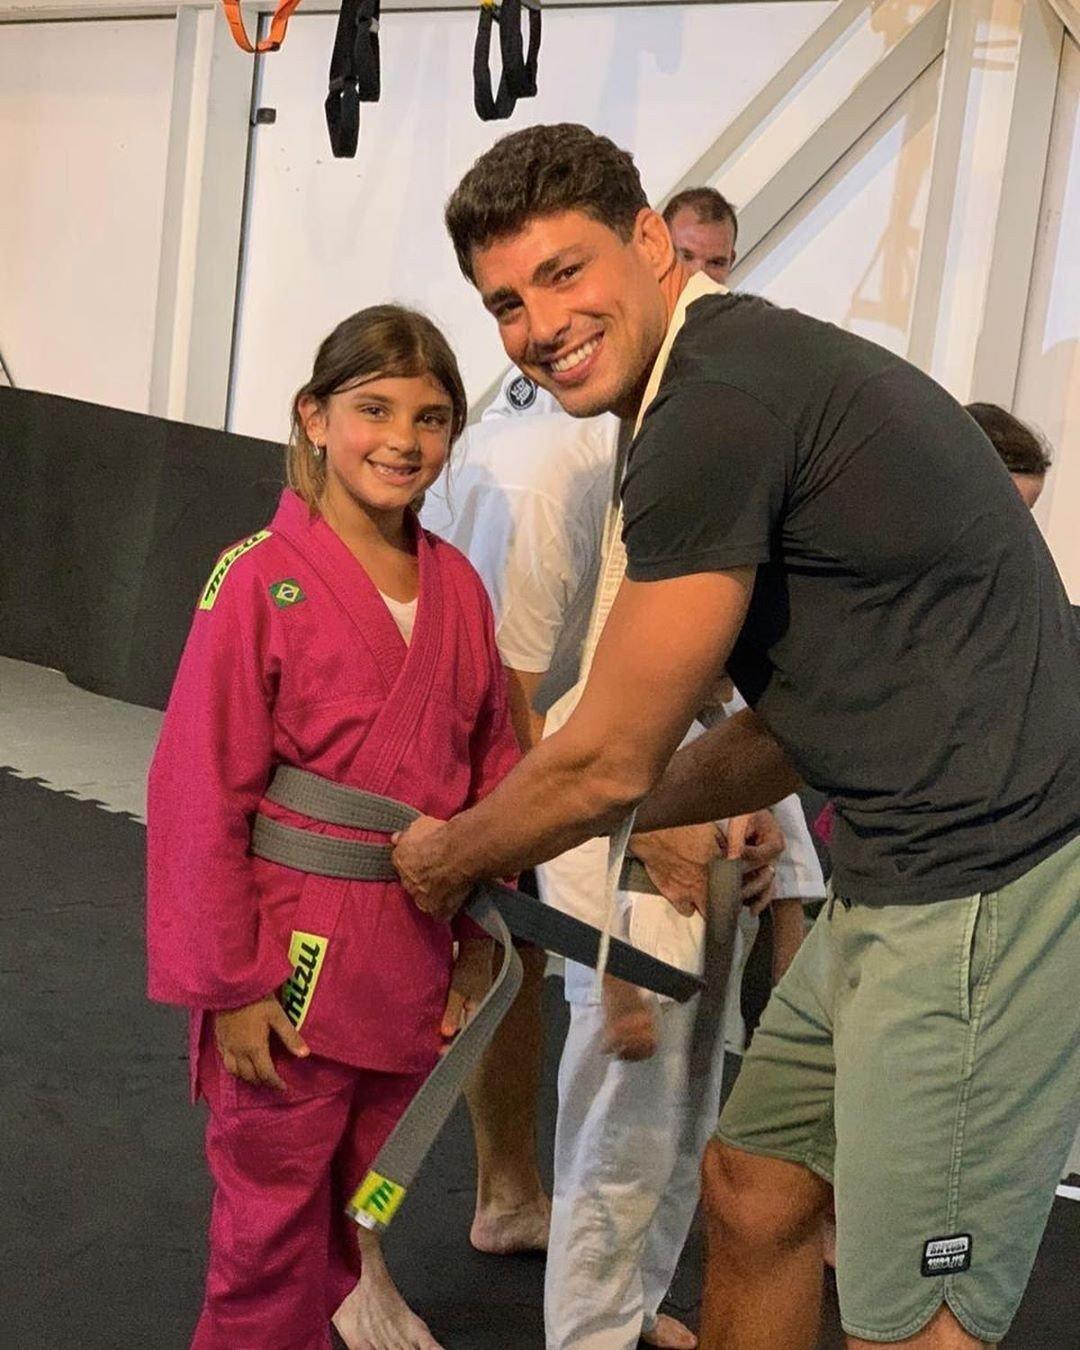 """Massafera reposta foto de Cauã Reymond com a filha: """"Pai e mãe babões"""" - Imagem 1"""